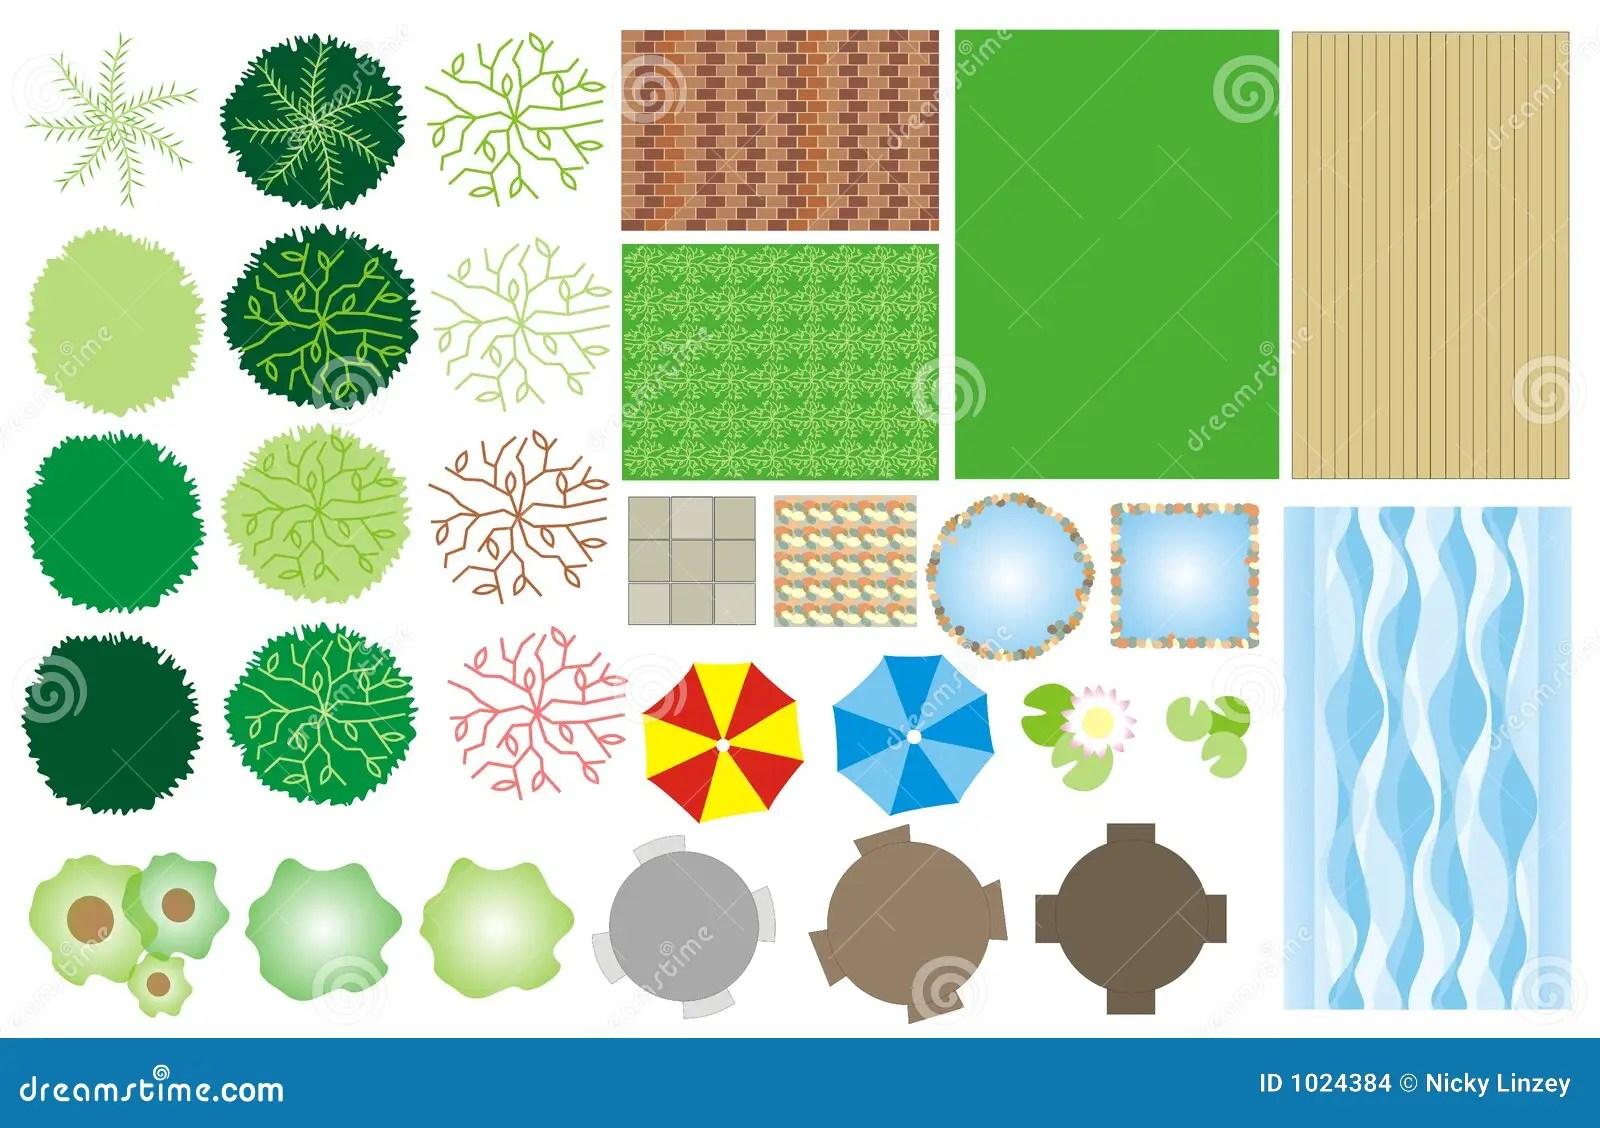 Free Garden Planning Software